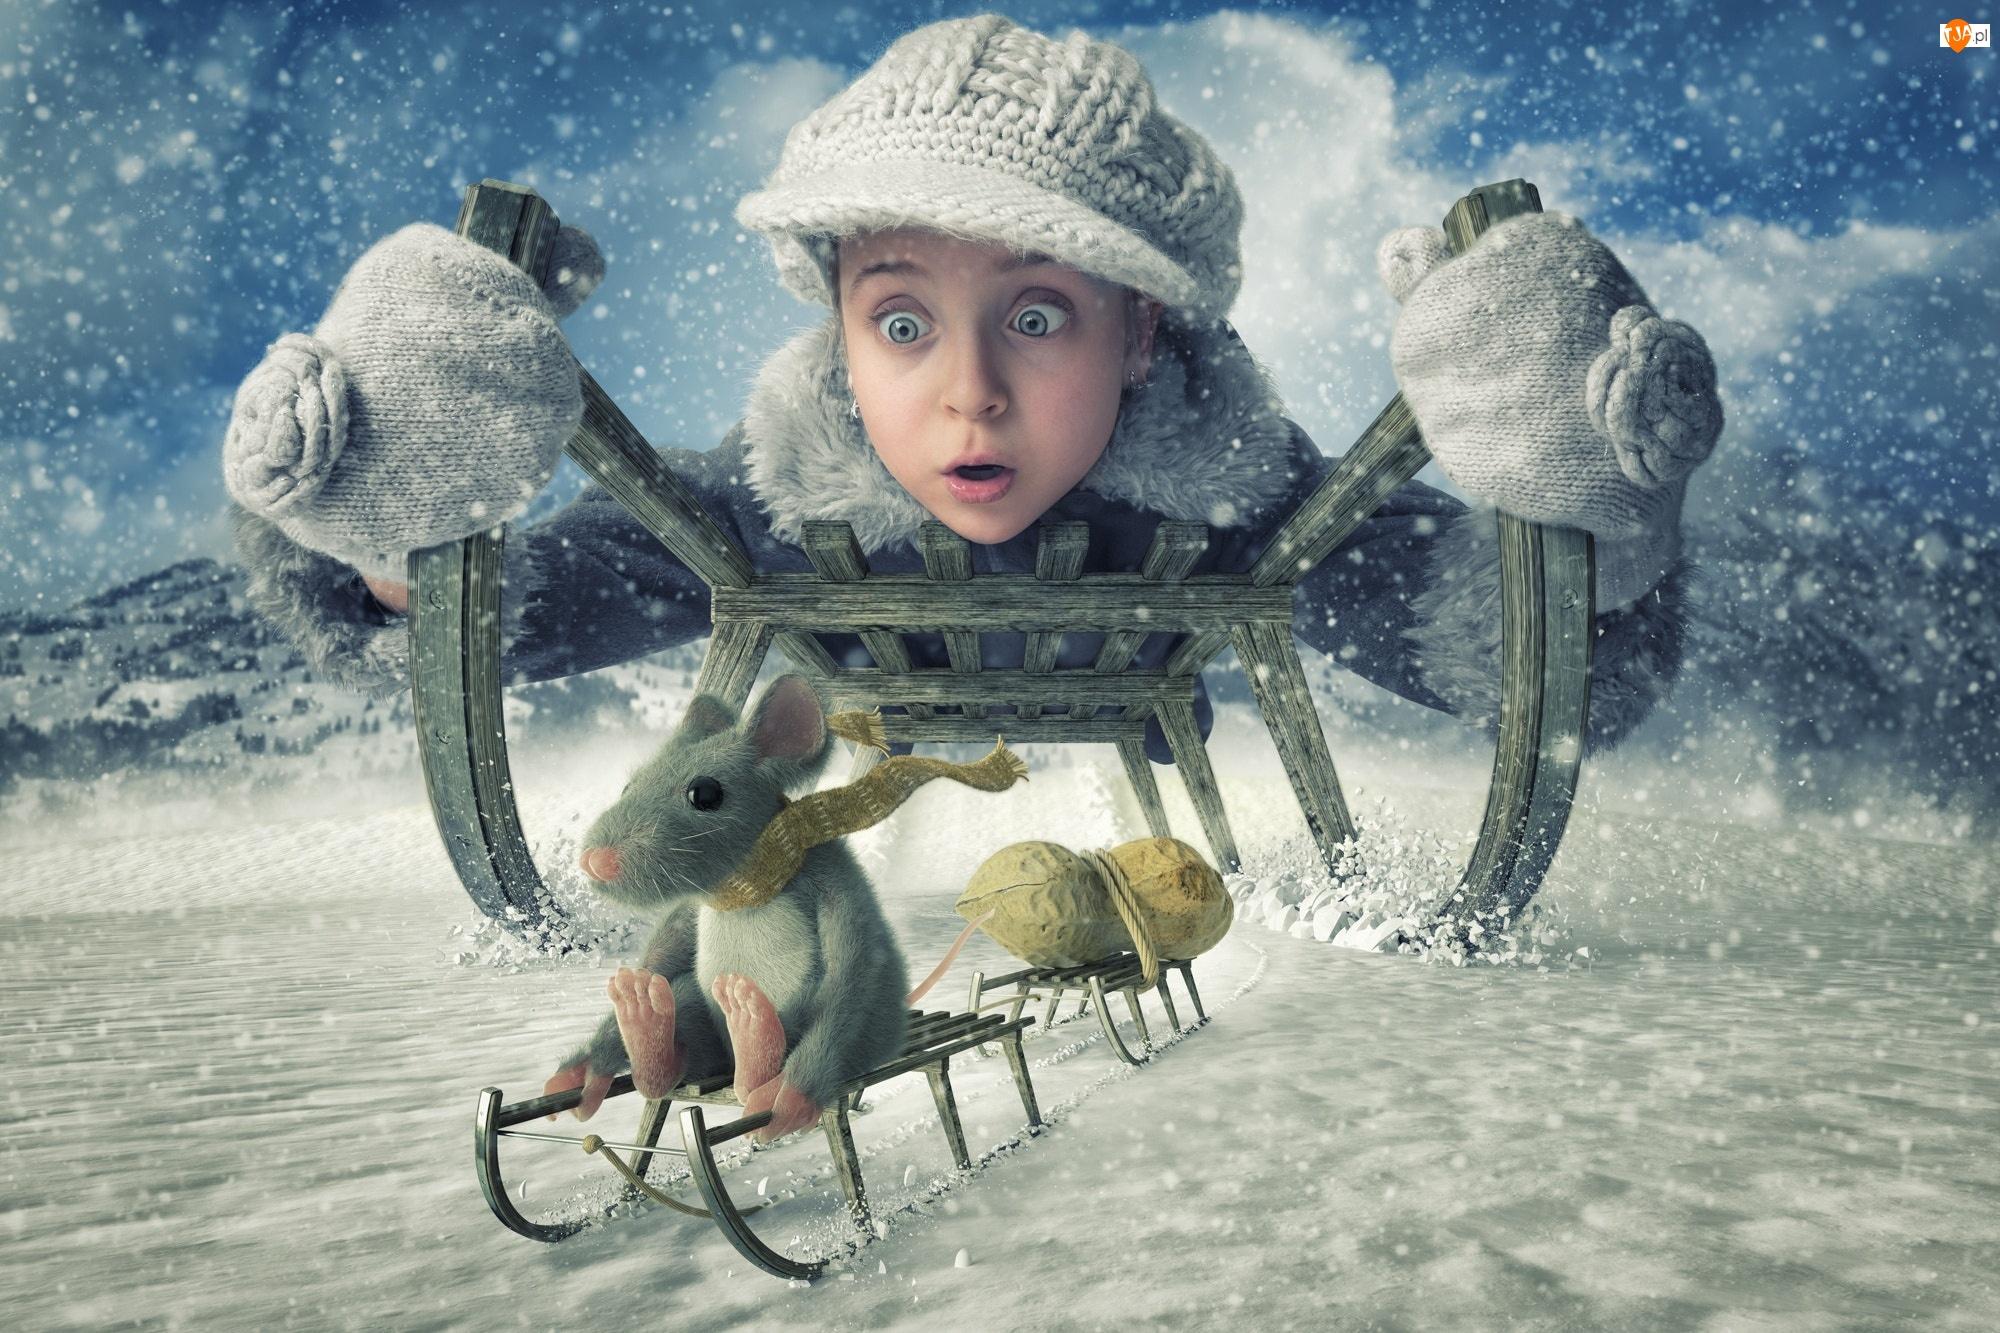 Sypiacy, Zima, Orzeszek, Śnieg, Dziewczynka, Sanki, Śmieszne, Myszka